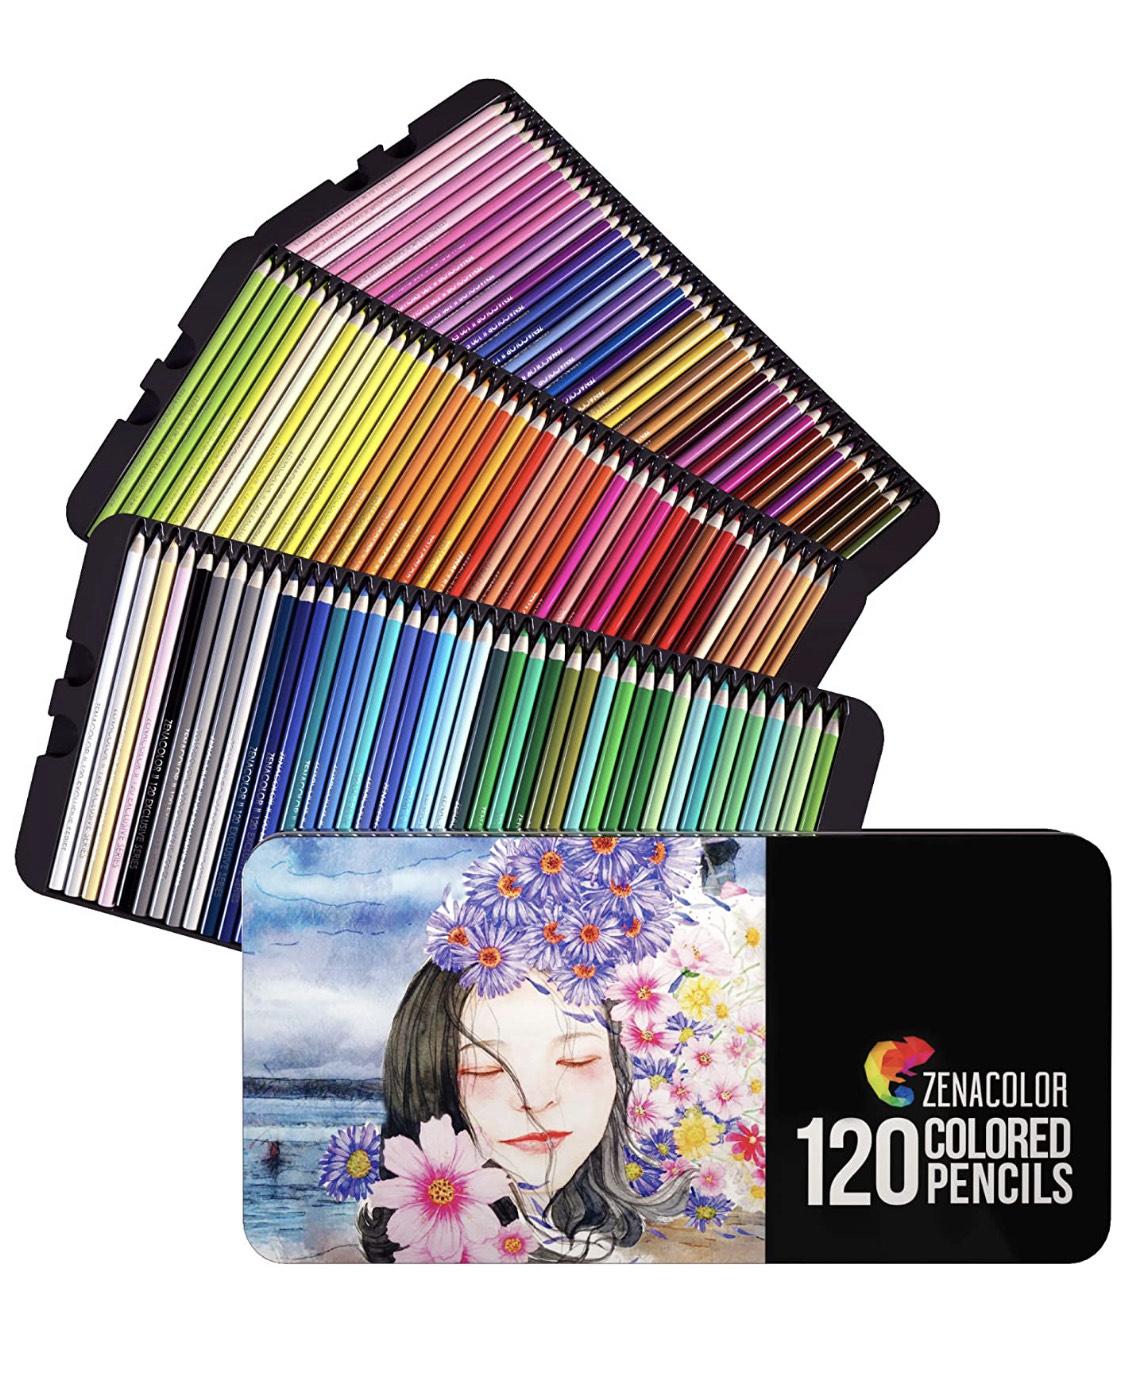 Zenacolor - 120 Matite Colorate con Scatola in Metallo - 120 Colori Unici per Disegnare e Libri da Colorare